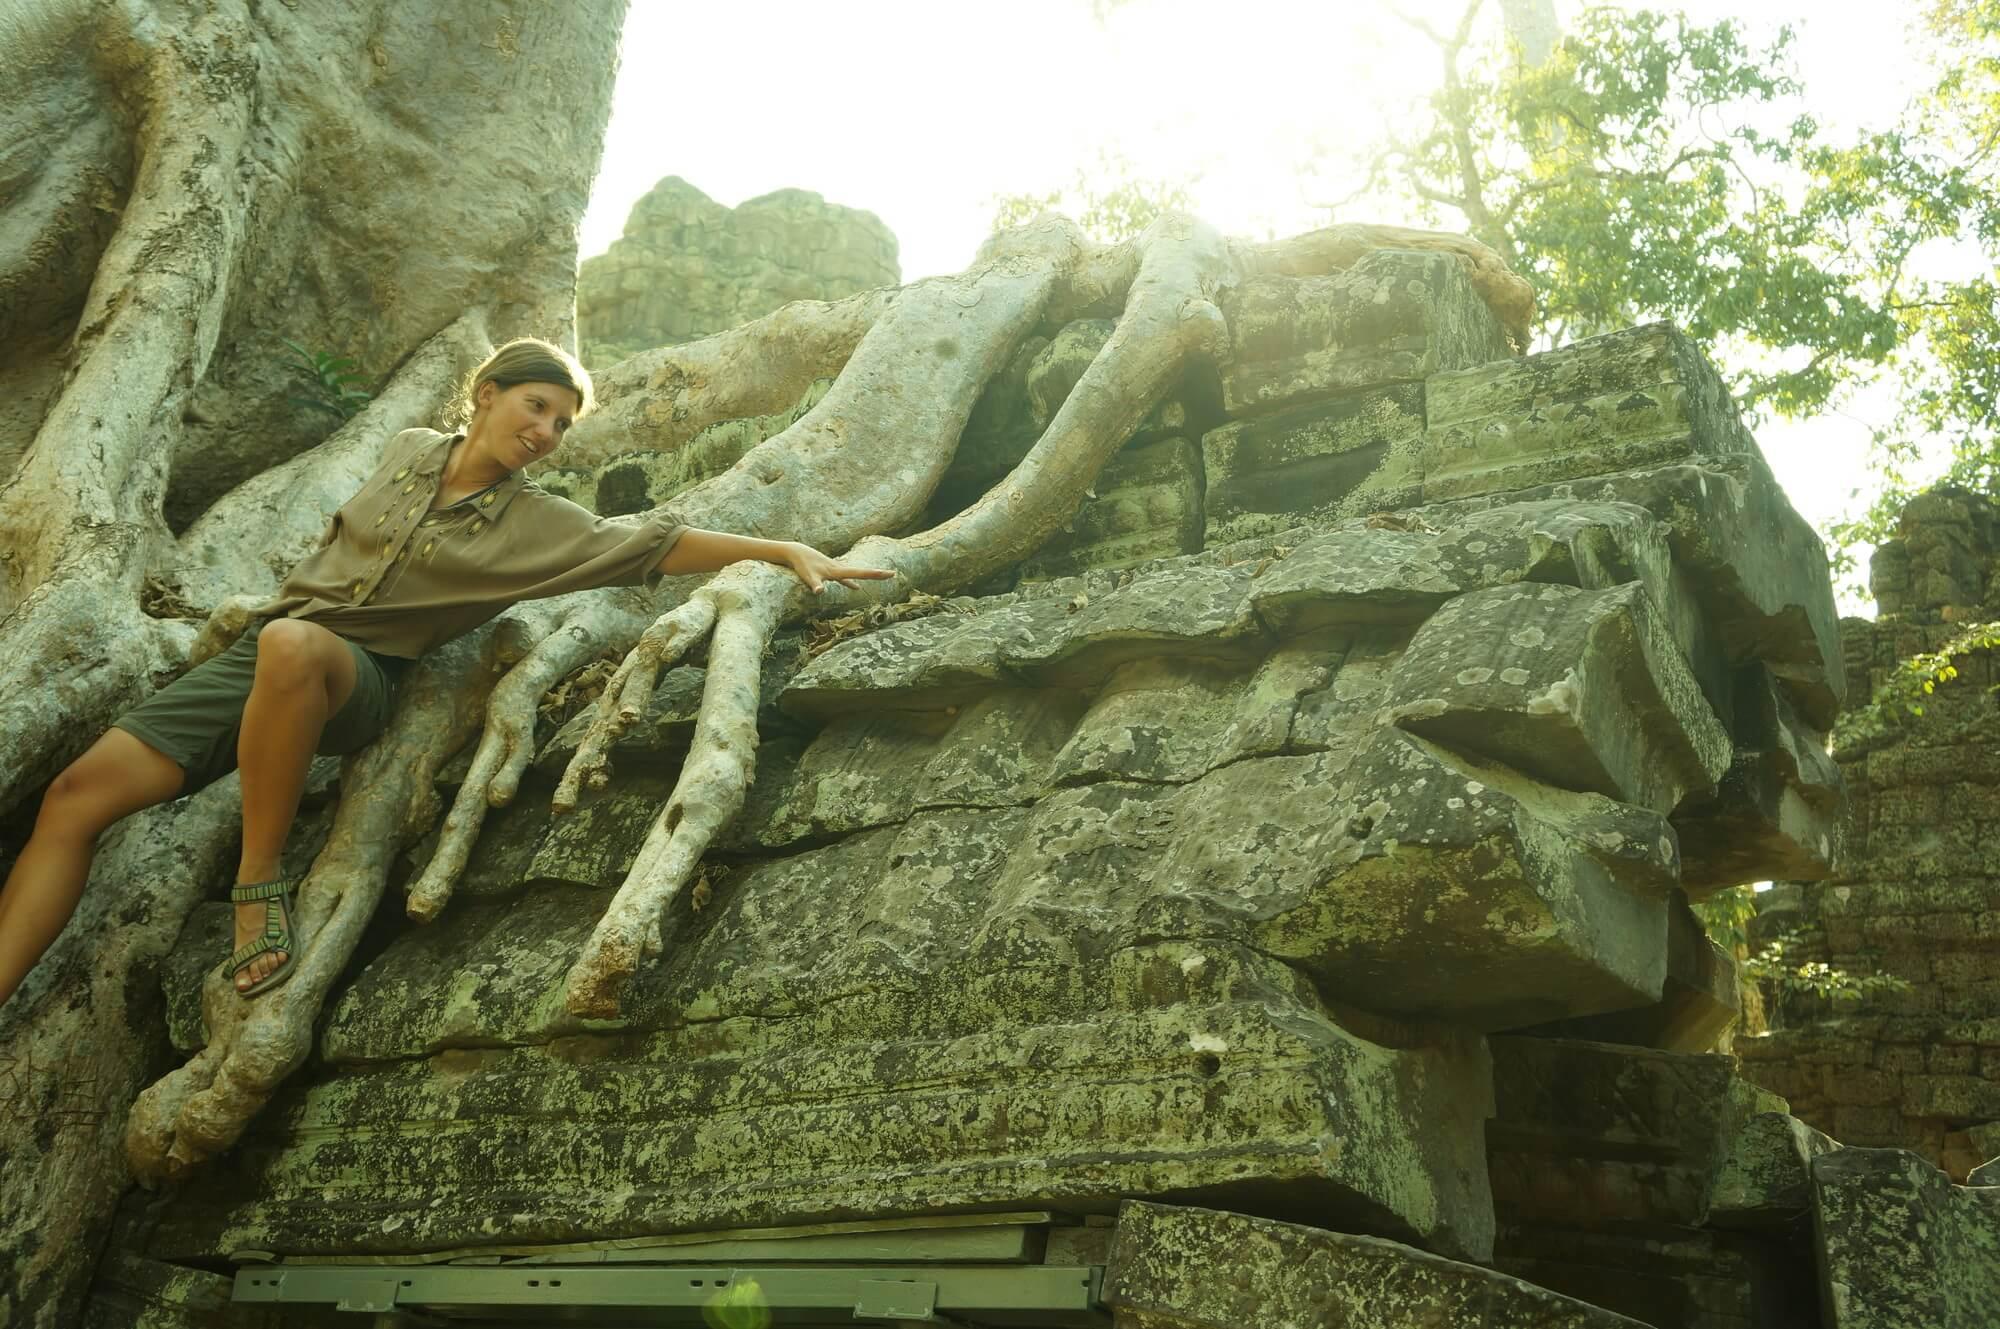 angkor-wat-tomb-raider-13